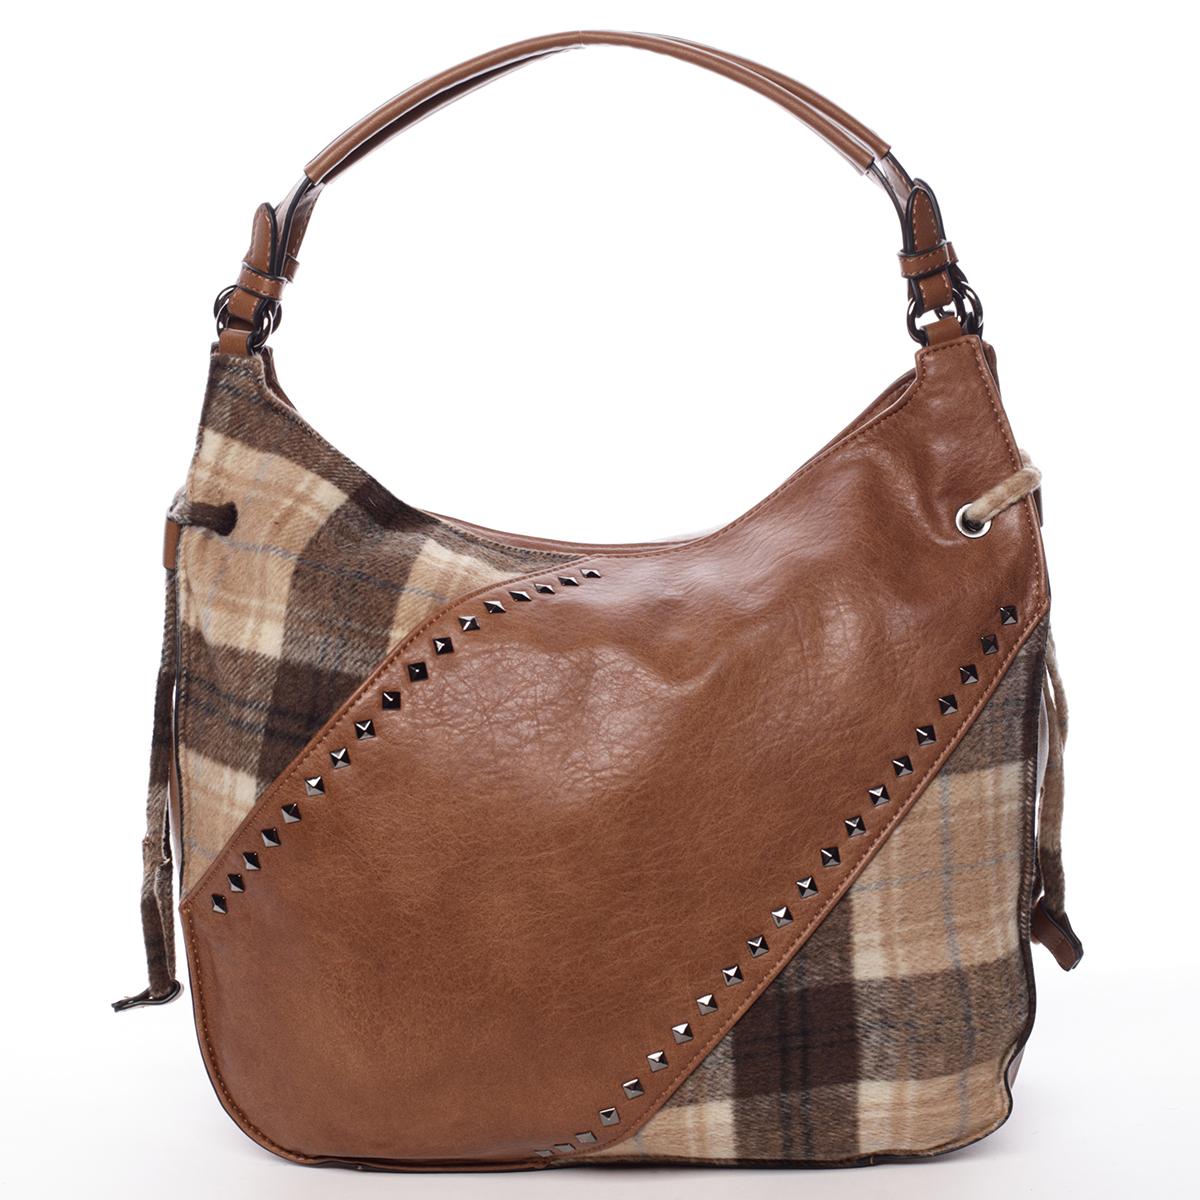 Moderná dámska kabelka hnedá - MARIA C Sarai hnedá